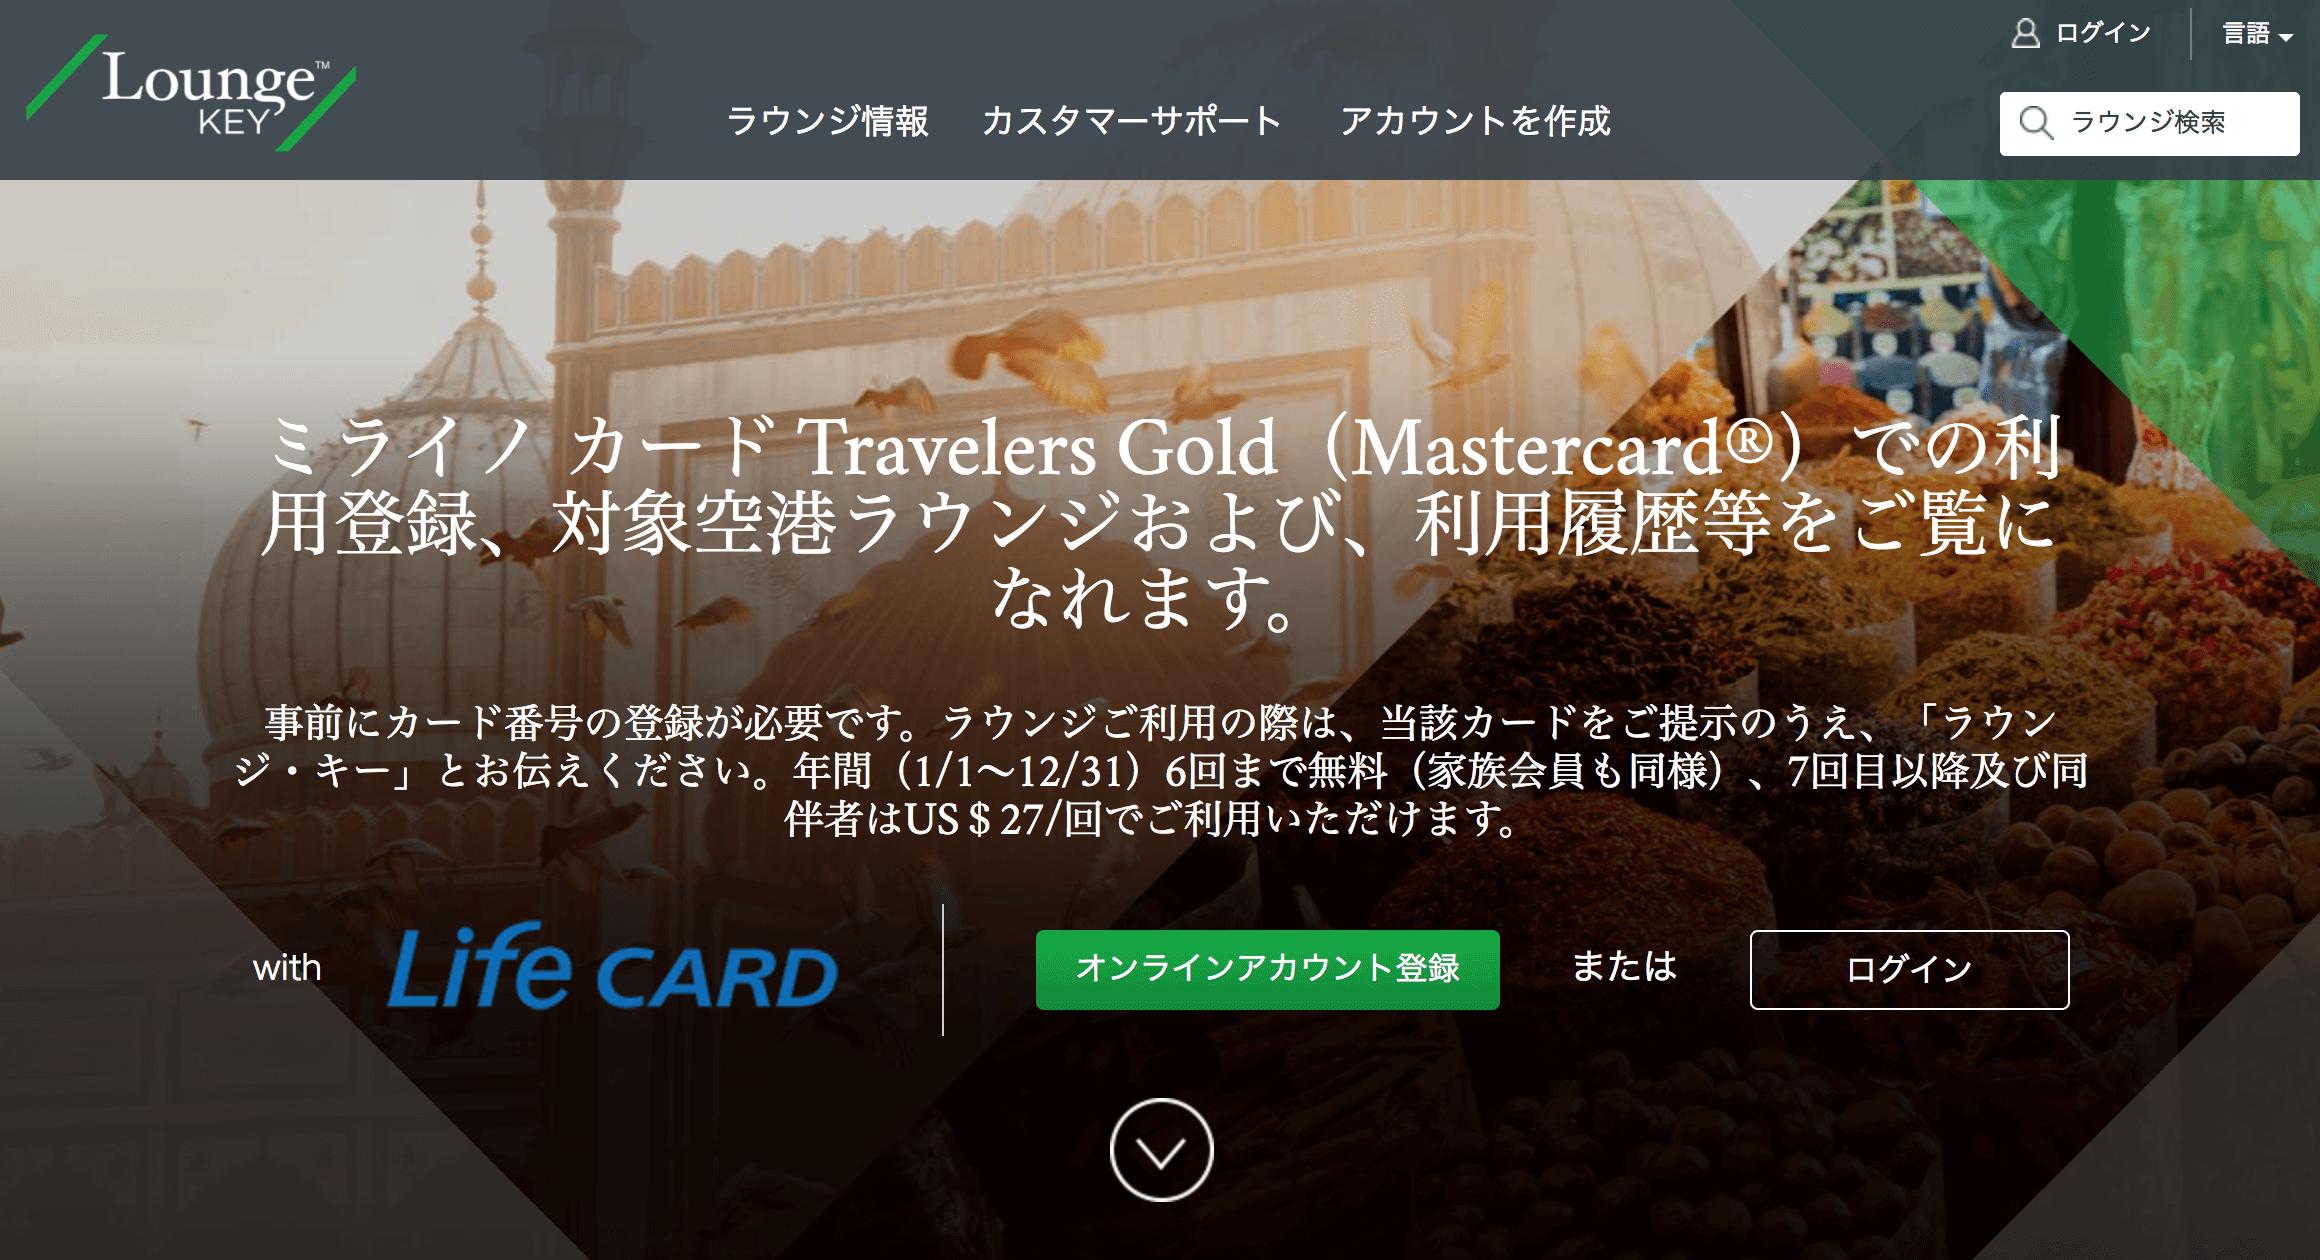 ミライノ カード Travelers Goldのラウンジ・キー